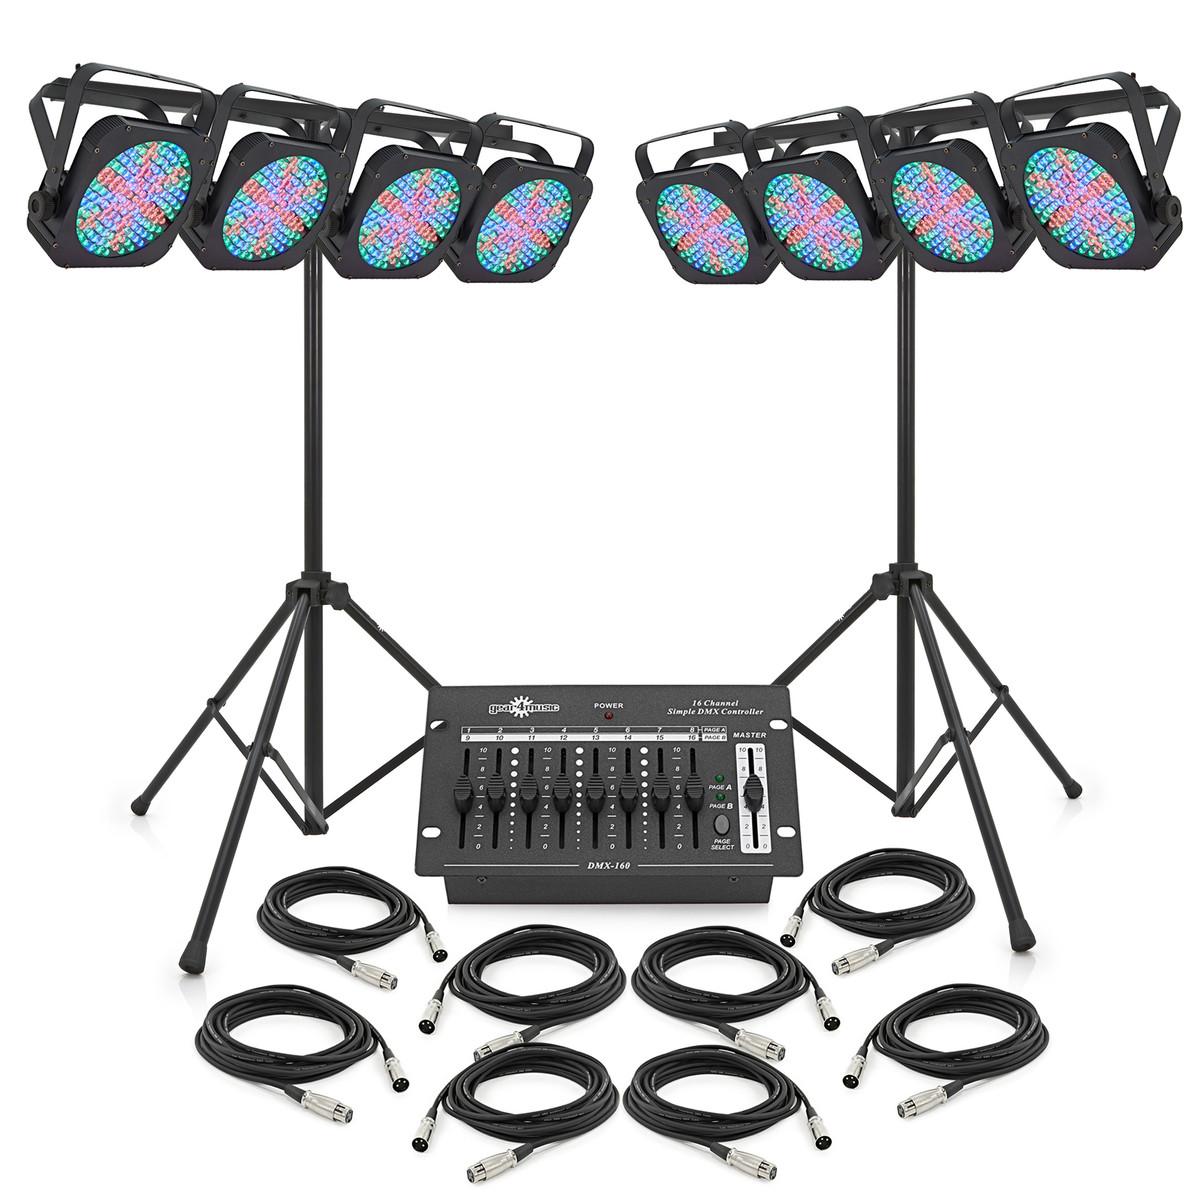 Image of 1152 x 10mm Flat LED Par Set by Gear4music